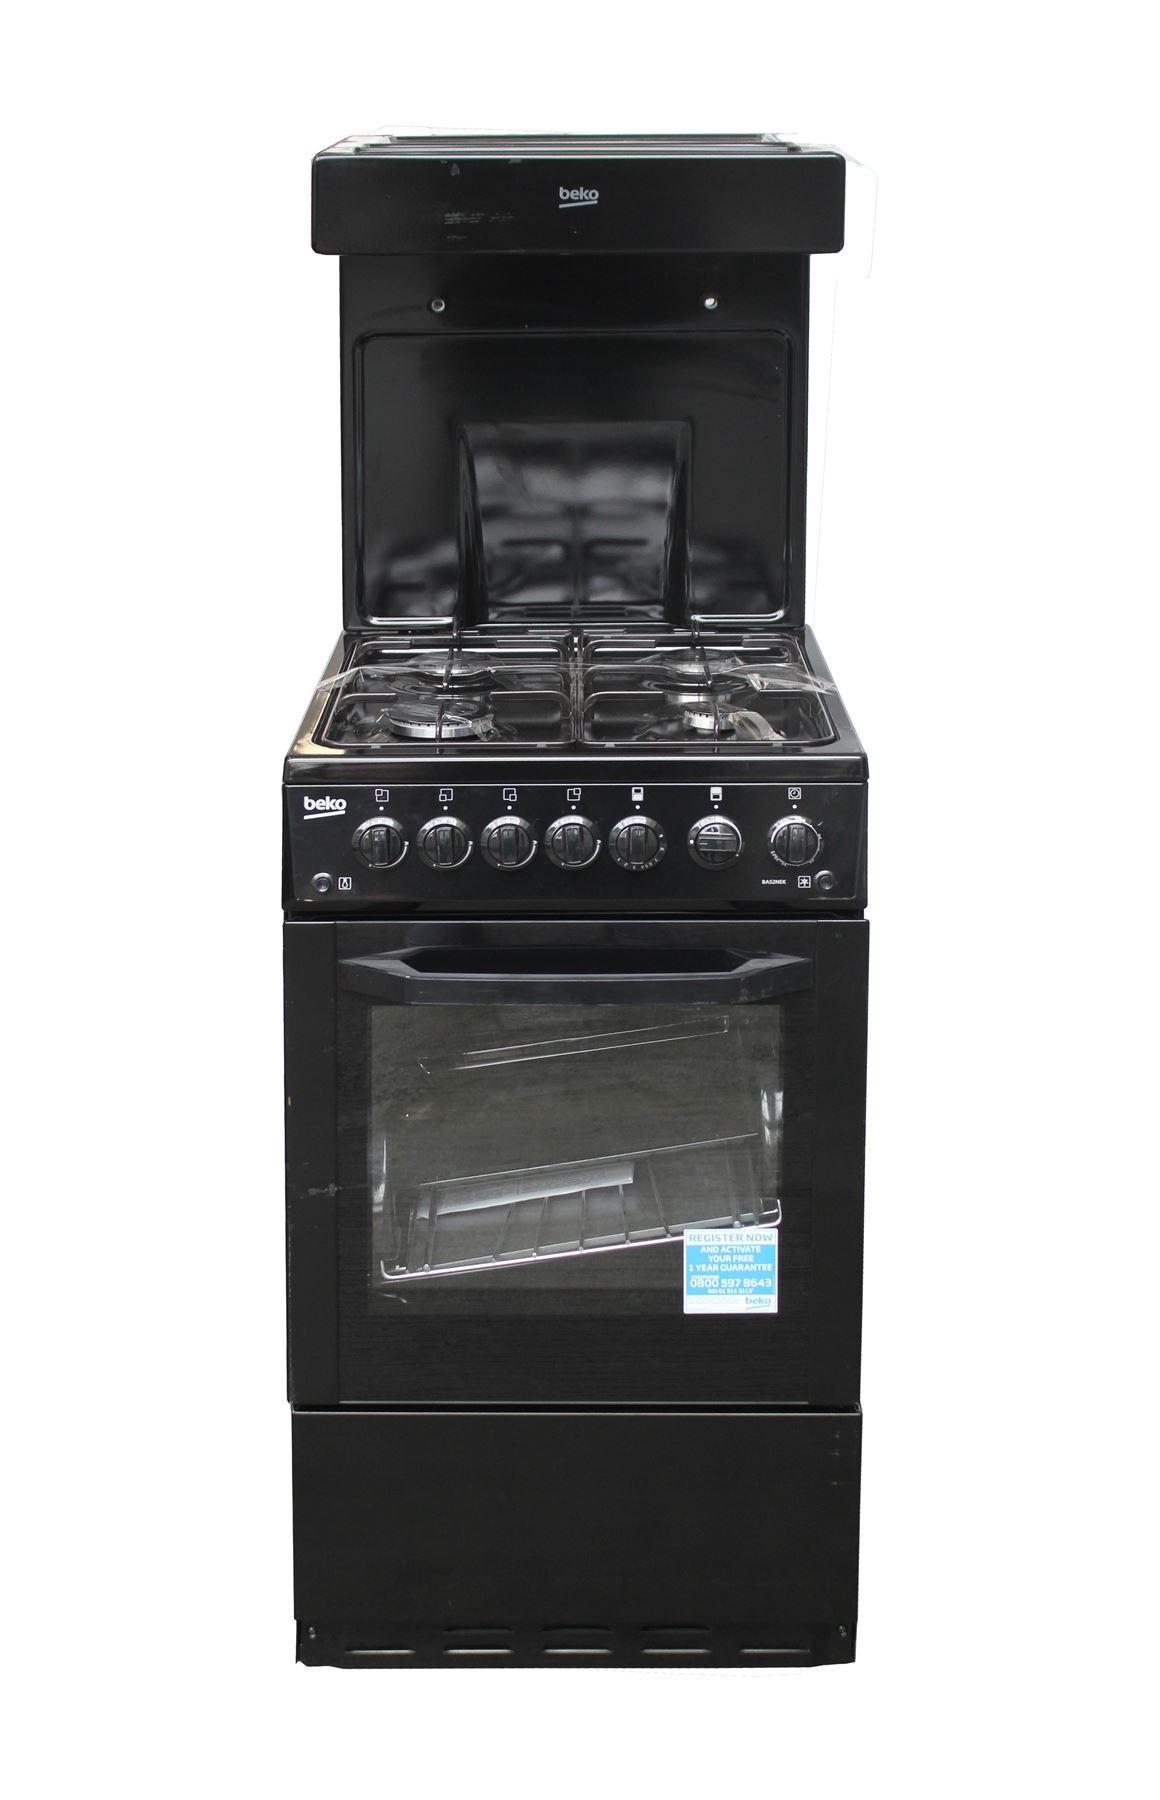 beko 50cm gas cooker eye level grill freestanding black. Black Bedroom Furniture Sets. Home Design Ideas